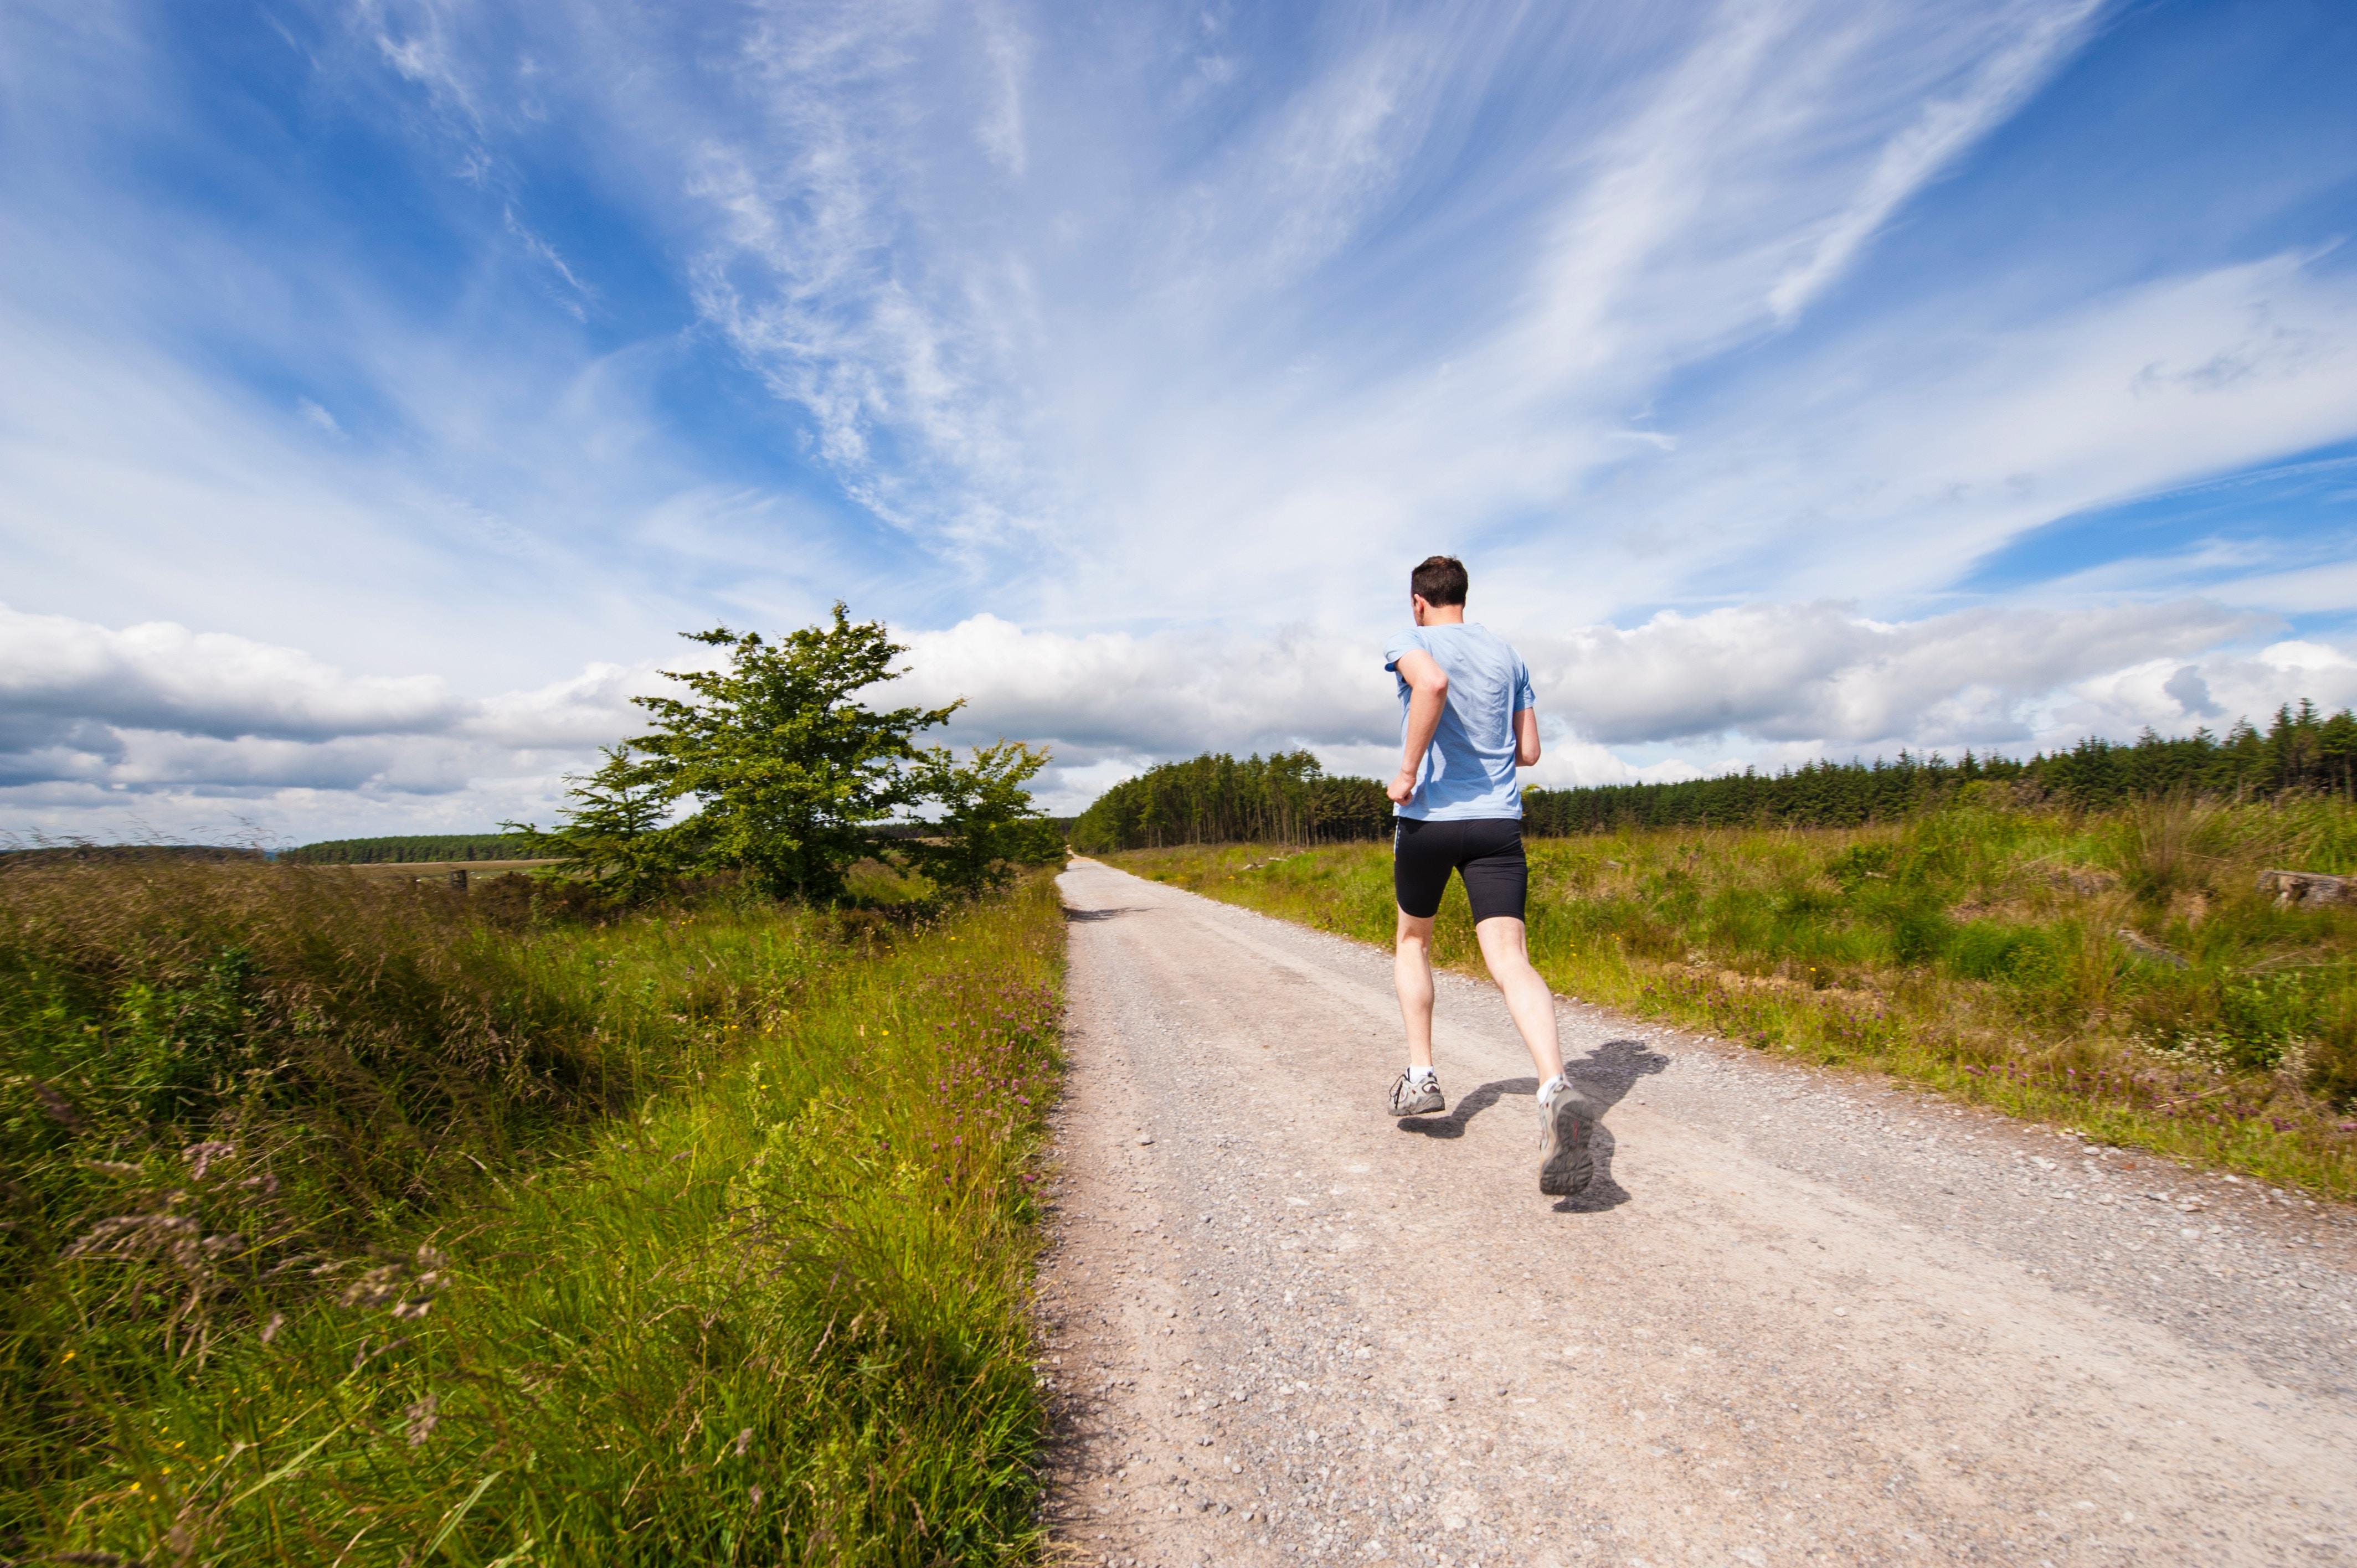 Renton chiropractors explain misconceptions on chiropractic